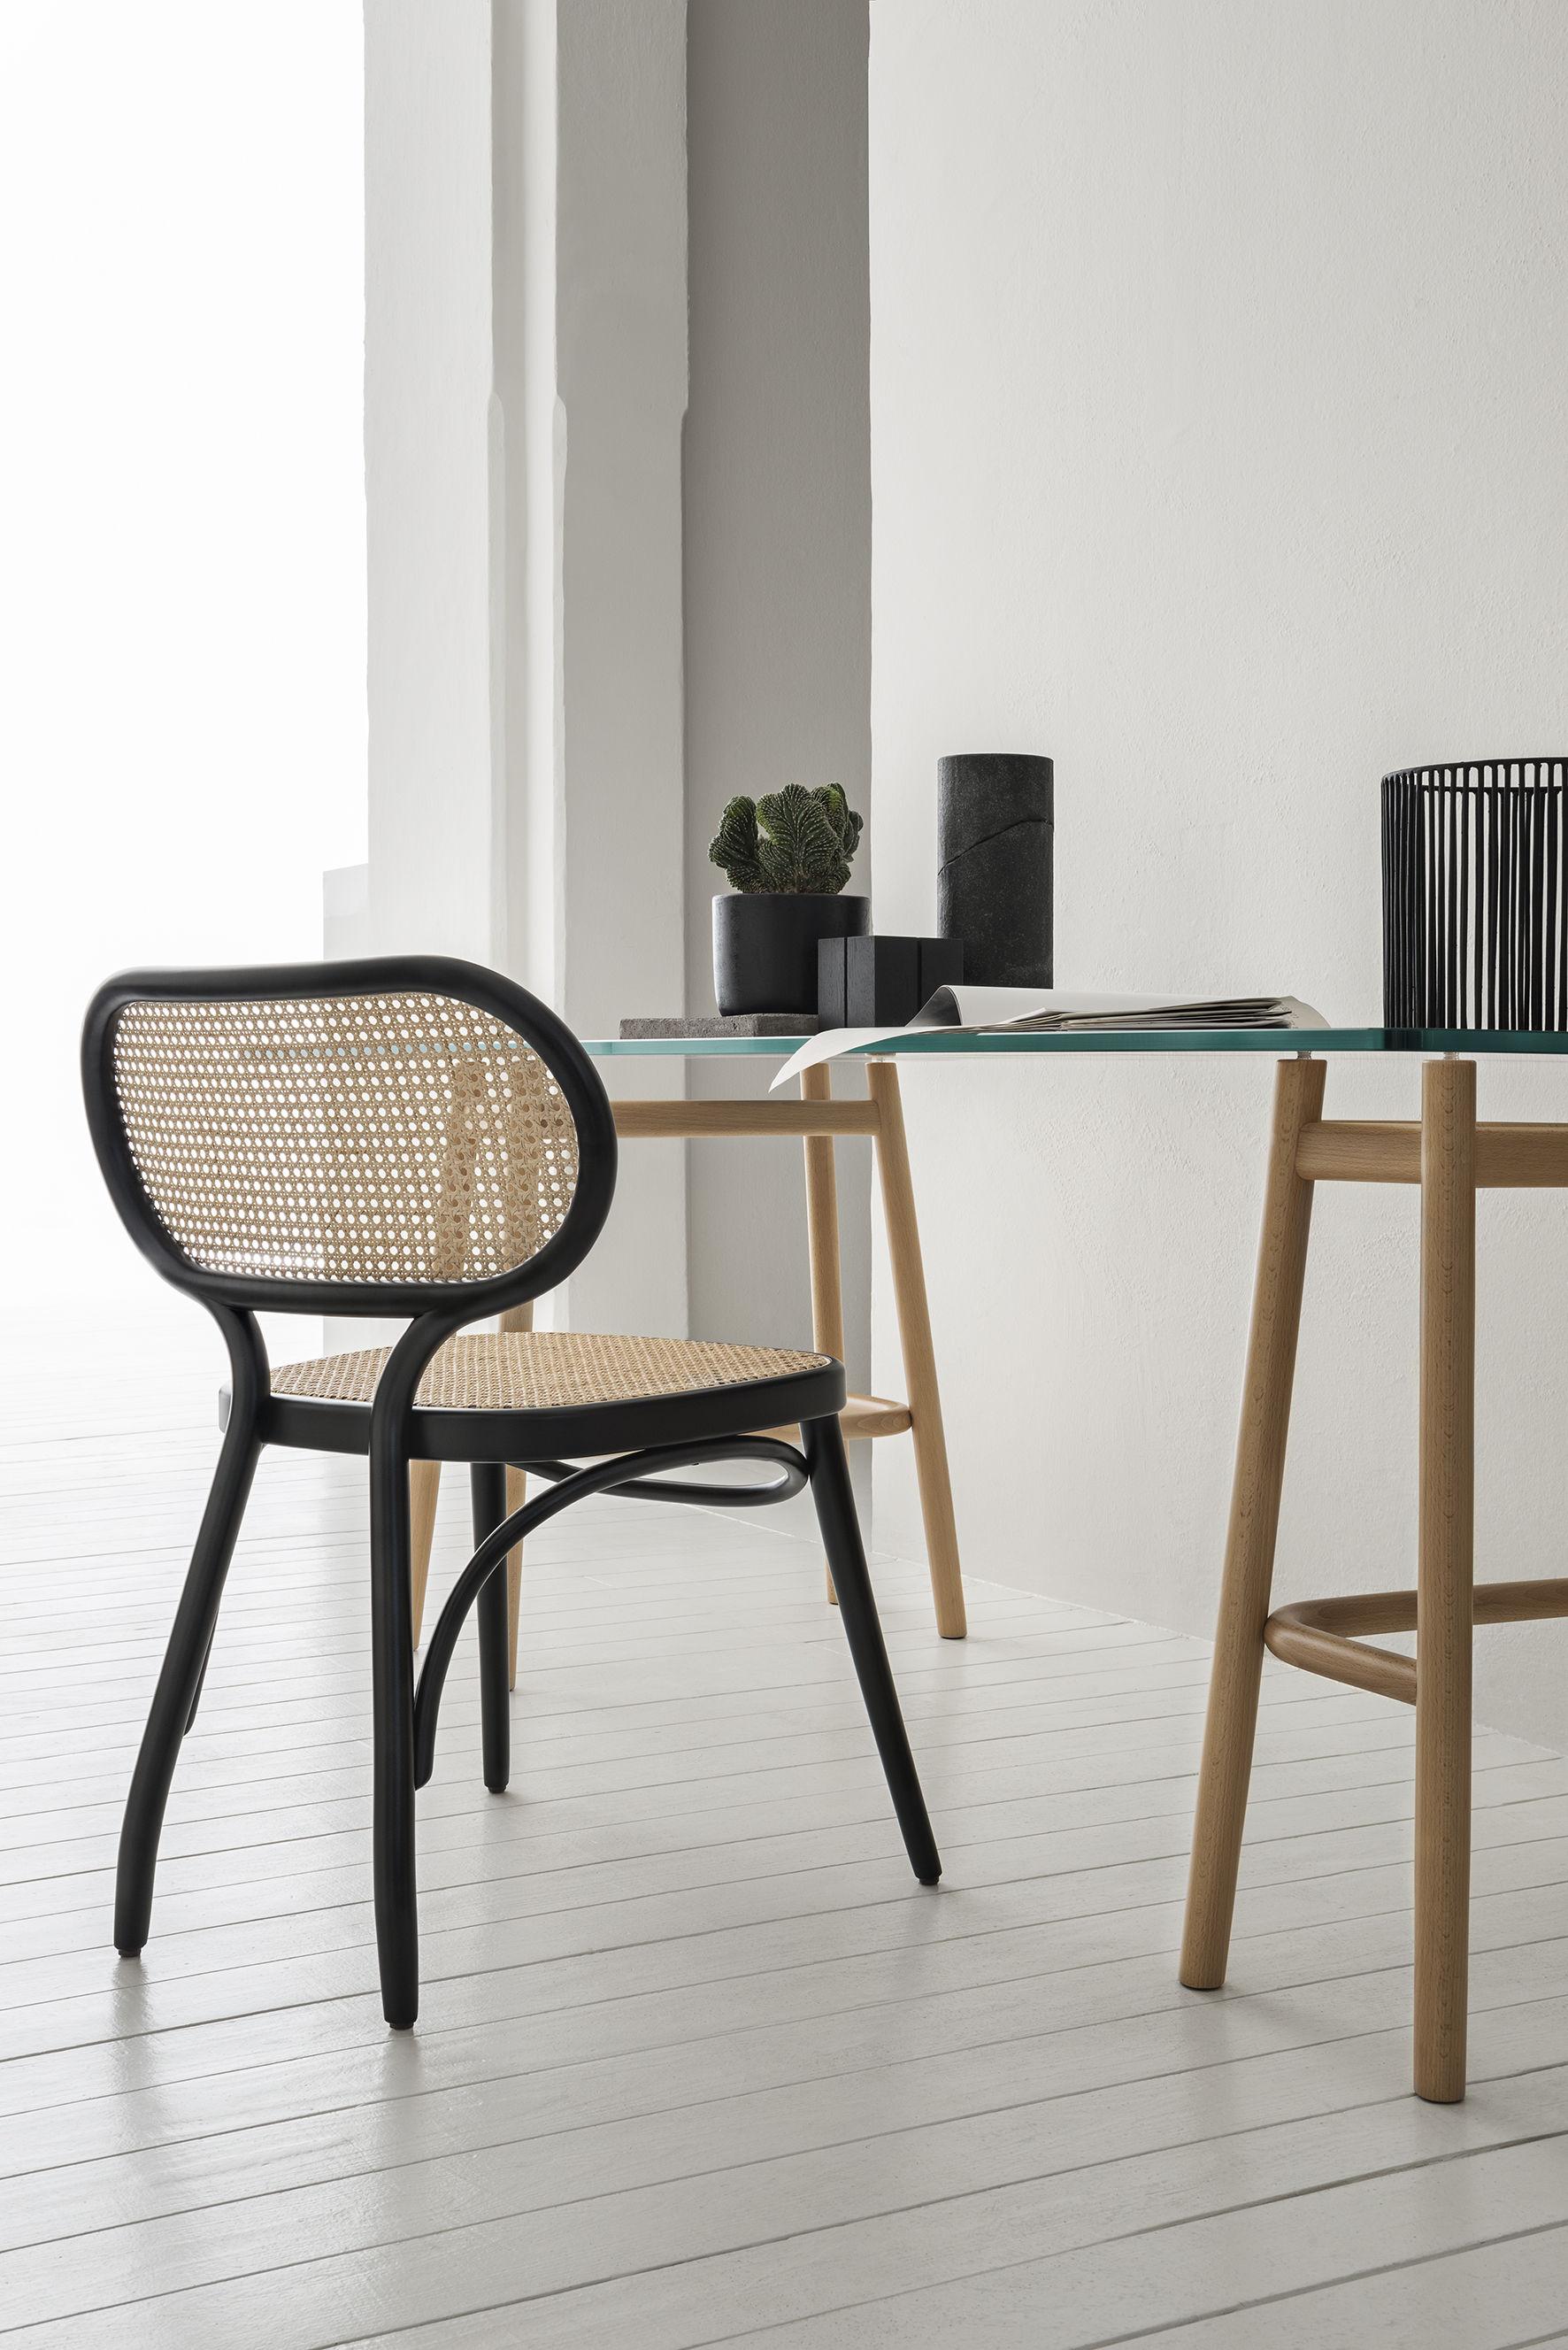 Stuhl Bodystuhl Von Wiener GTV Design Weiß